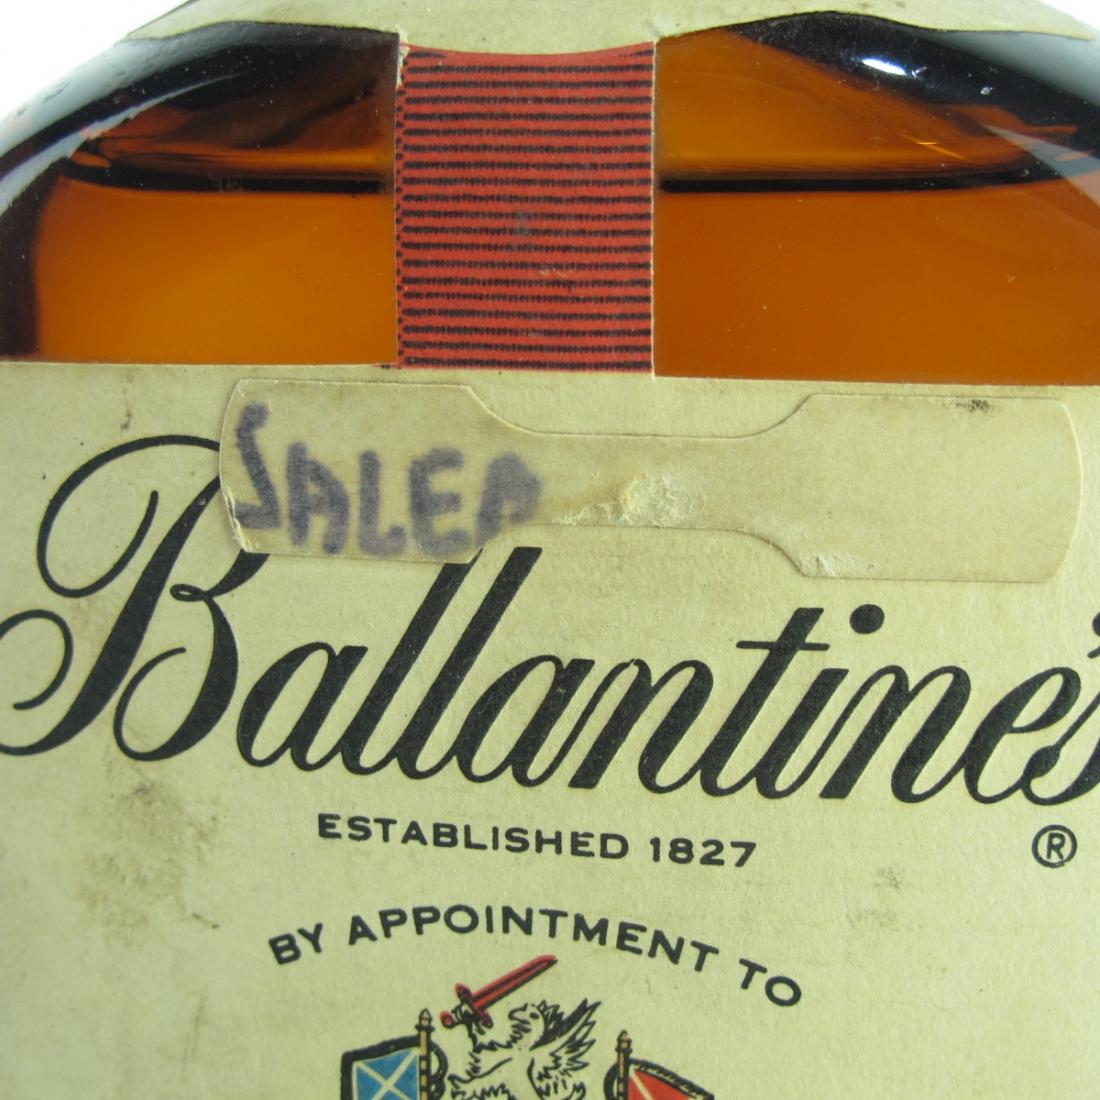 Ballantine's Finest Scotch Whisky 1970s